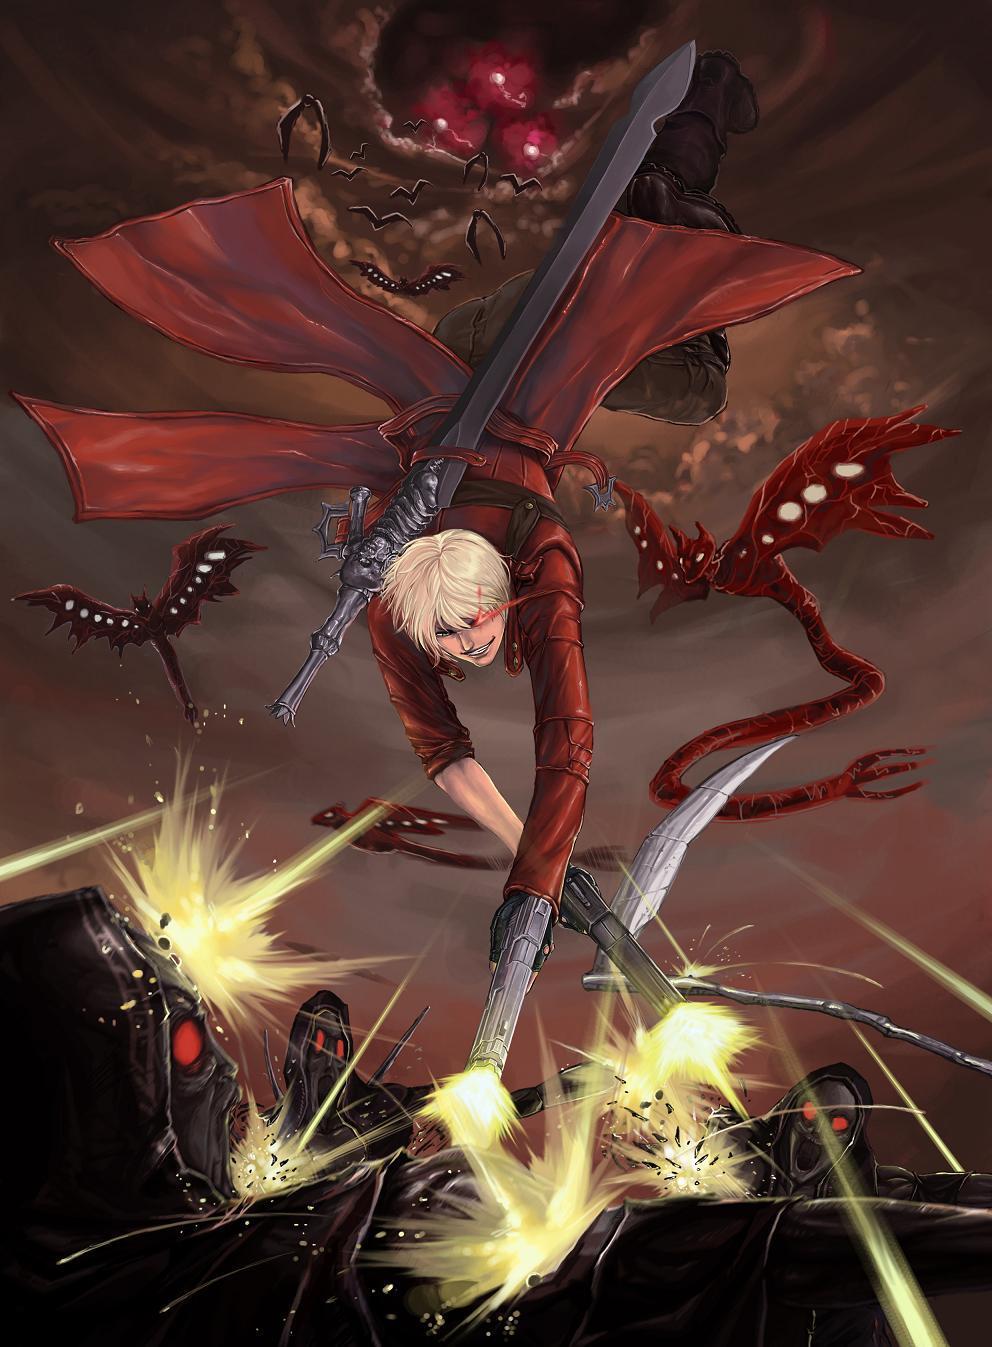 Gunslinger Stylish Devil May Cry 3 Fan Art 39354375 Fanpop